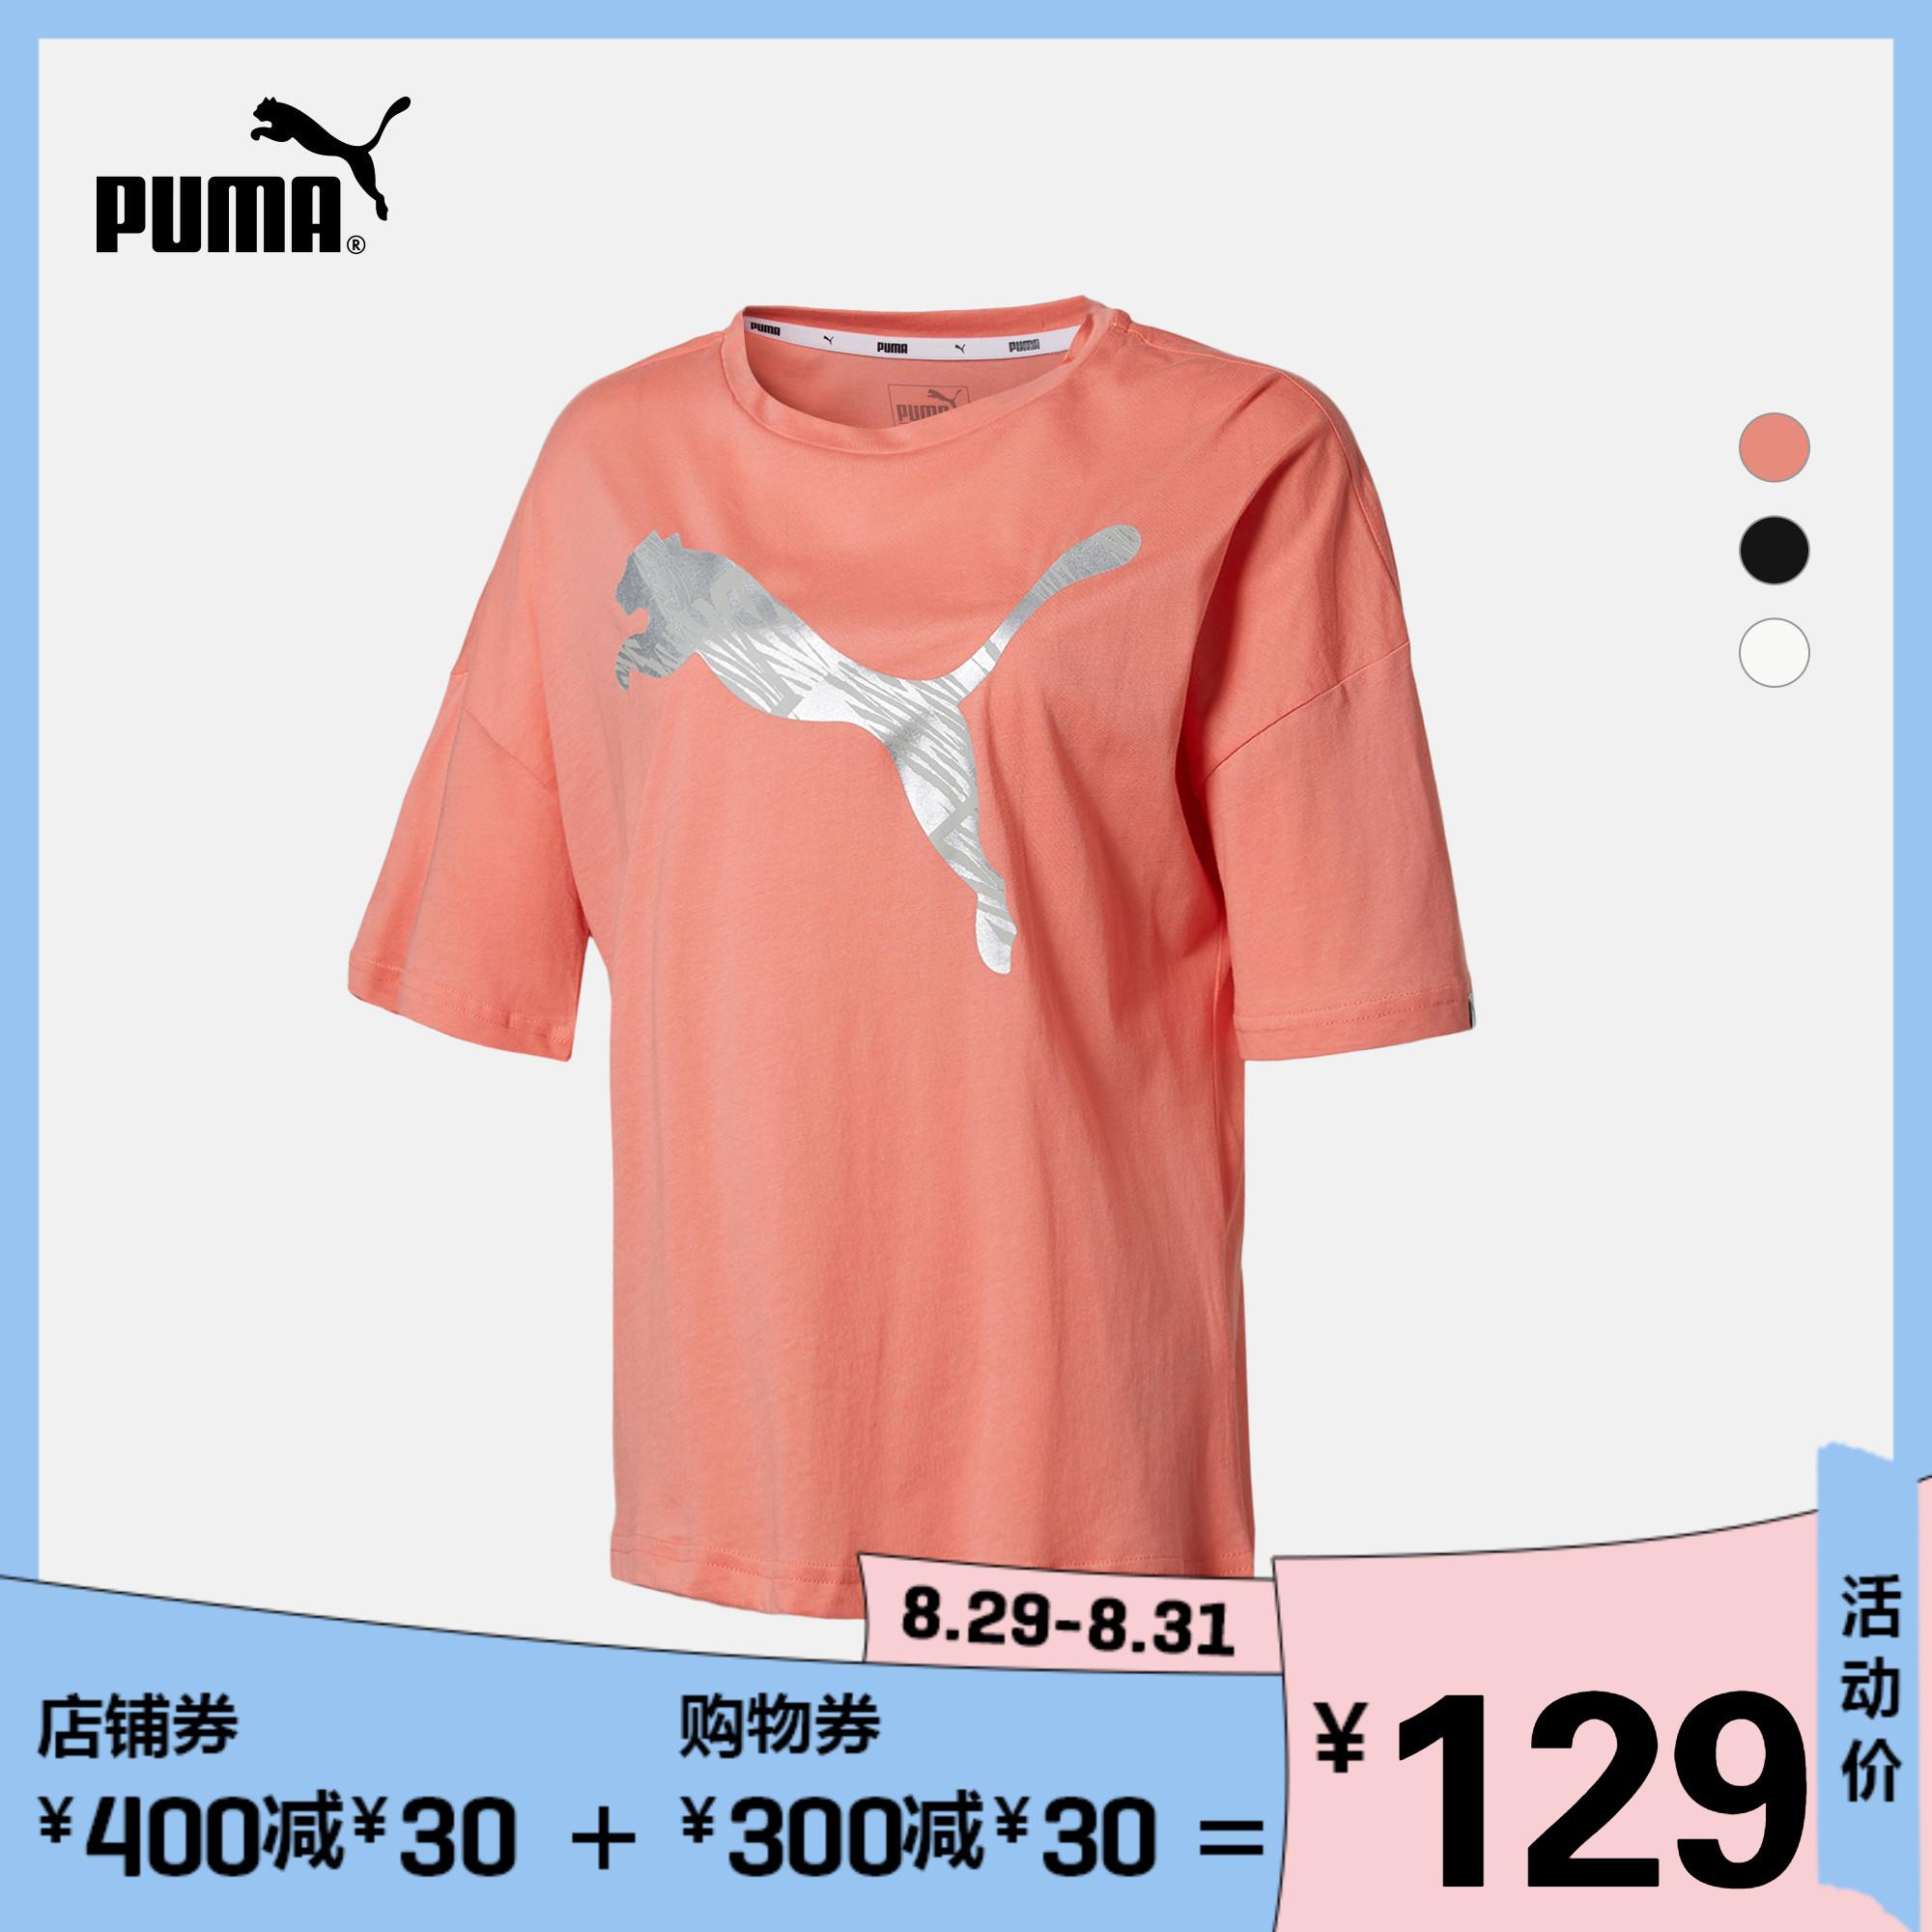 PUMA彪马官方 女子圆领短袖T恤 SUMMER Fashion 852265优惠券